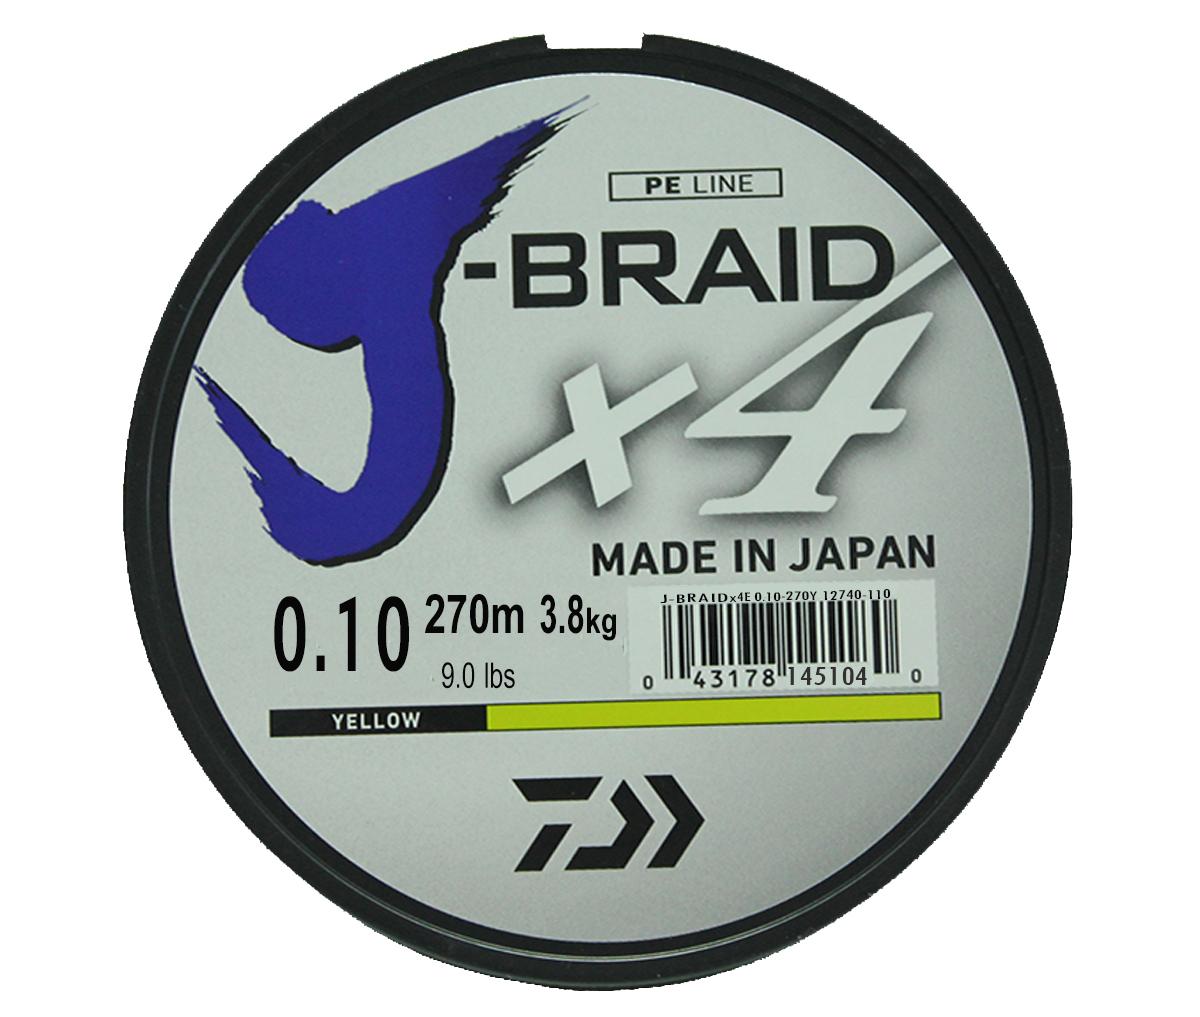 Шнур плетеный Daiwa J-Braid X4, цвет: флуоресцентный желтый, 270 м, 0,10 мм61146Новый 4х жильный шнур J-Braid, DAIWA - шнур высокого класса с удивительным соотношением цены и качества. Качество плетения полностью соответствует японским стандартам и удовлетворяет всем требованиям. Представленные диаметры позволяют использовать шнур для всех техник ловли, начиная от ultra- light ловли окуня, до морской ловли палтуса, трески и т.д